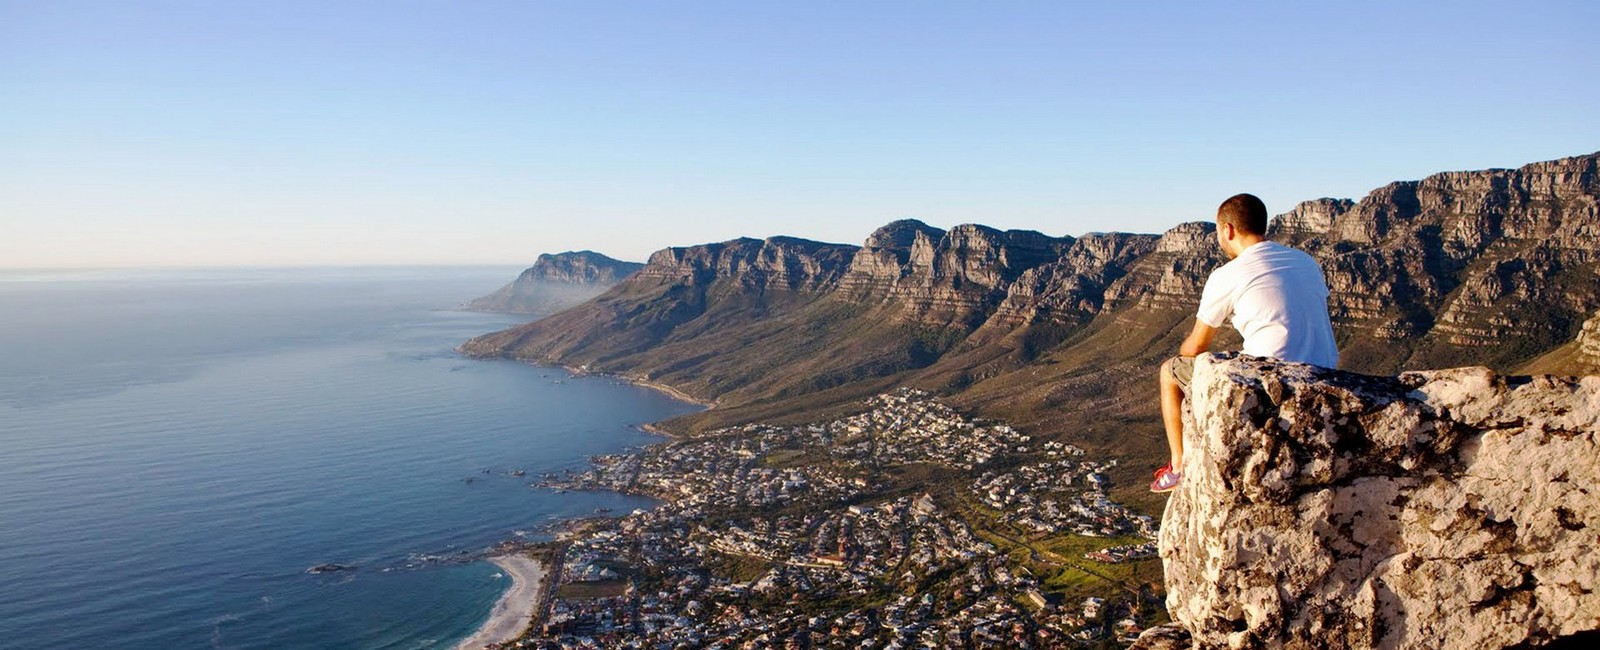 Un voyage en Afrique du Sud qui vous ressemble.